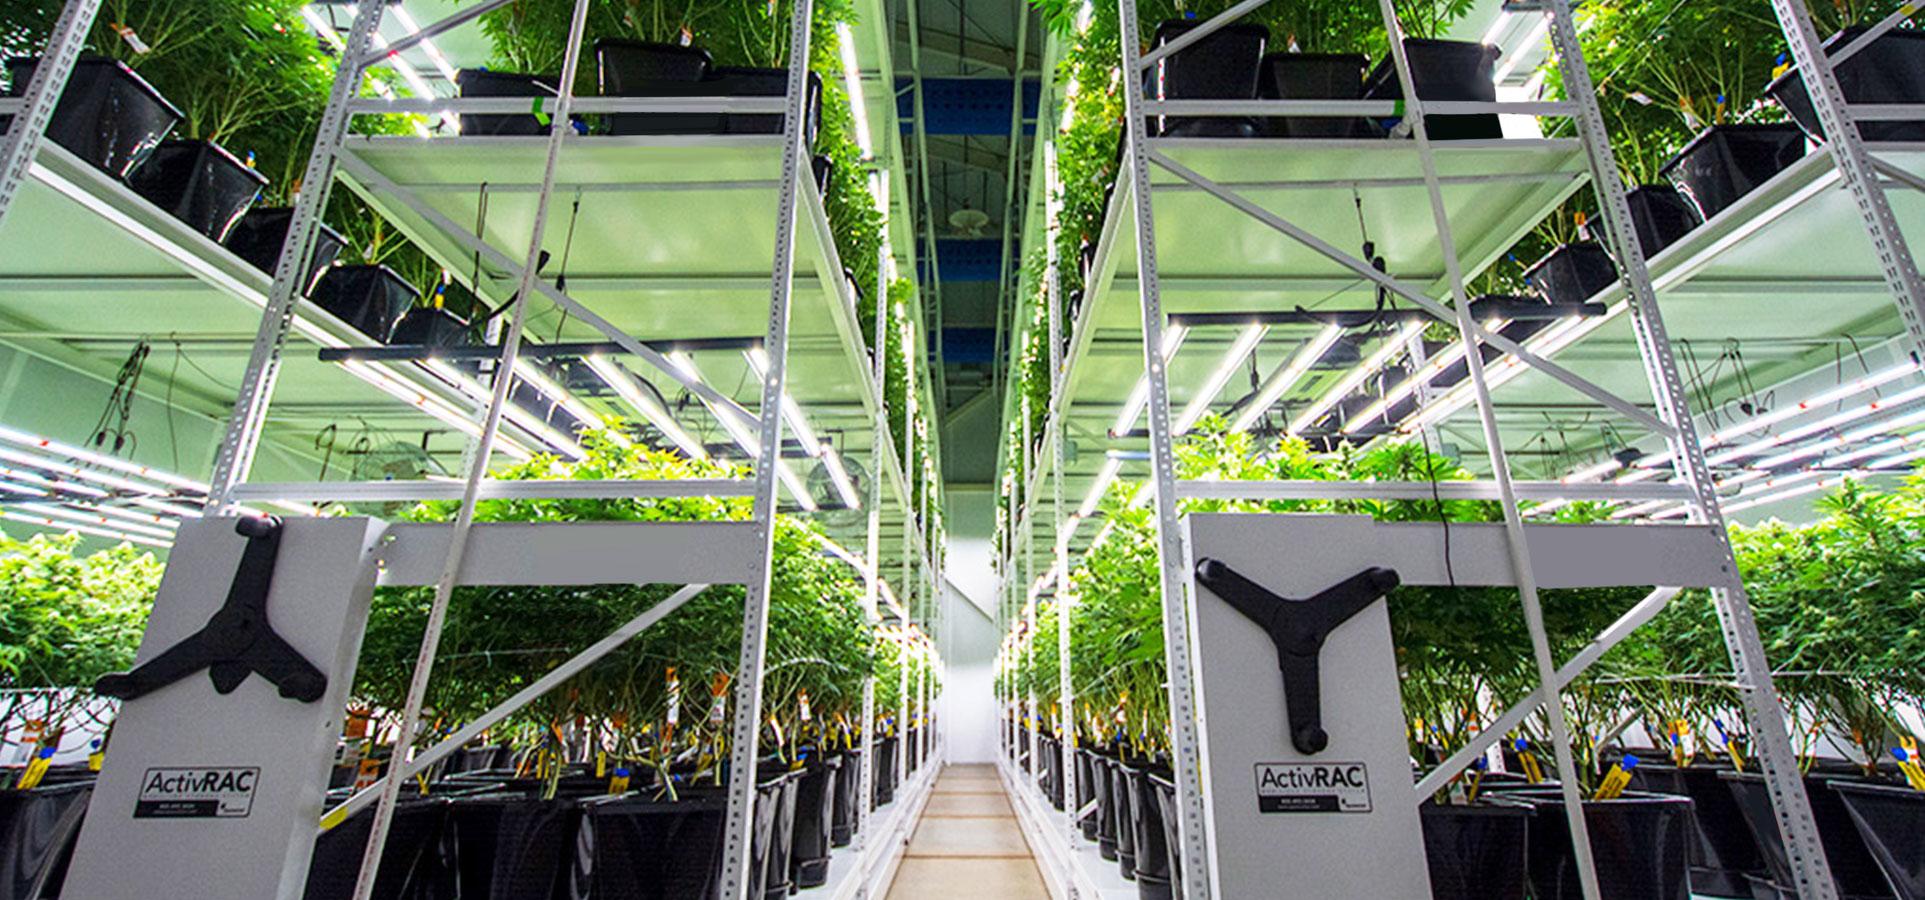 legal cannabis grow room vertical racking